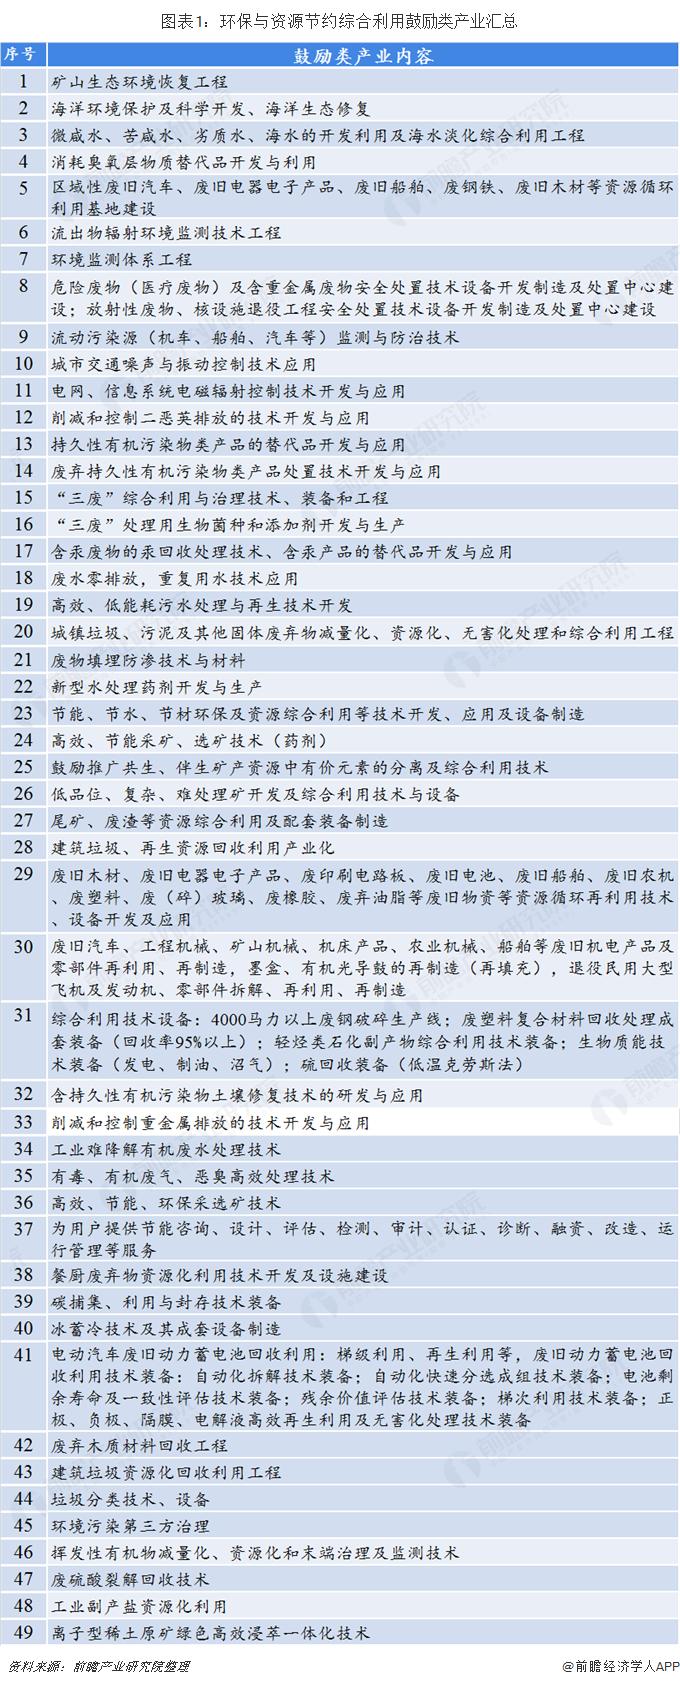 图表1:环保与资源节约综合利用鼓励类产业汇总